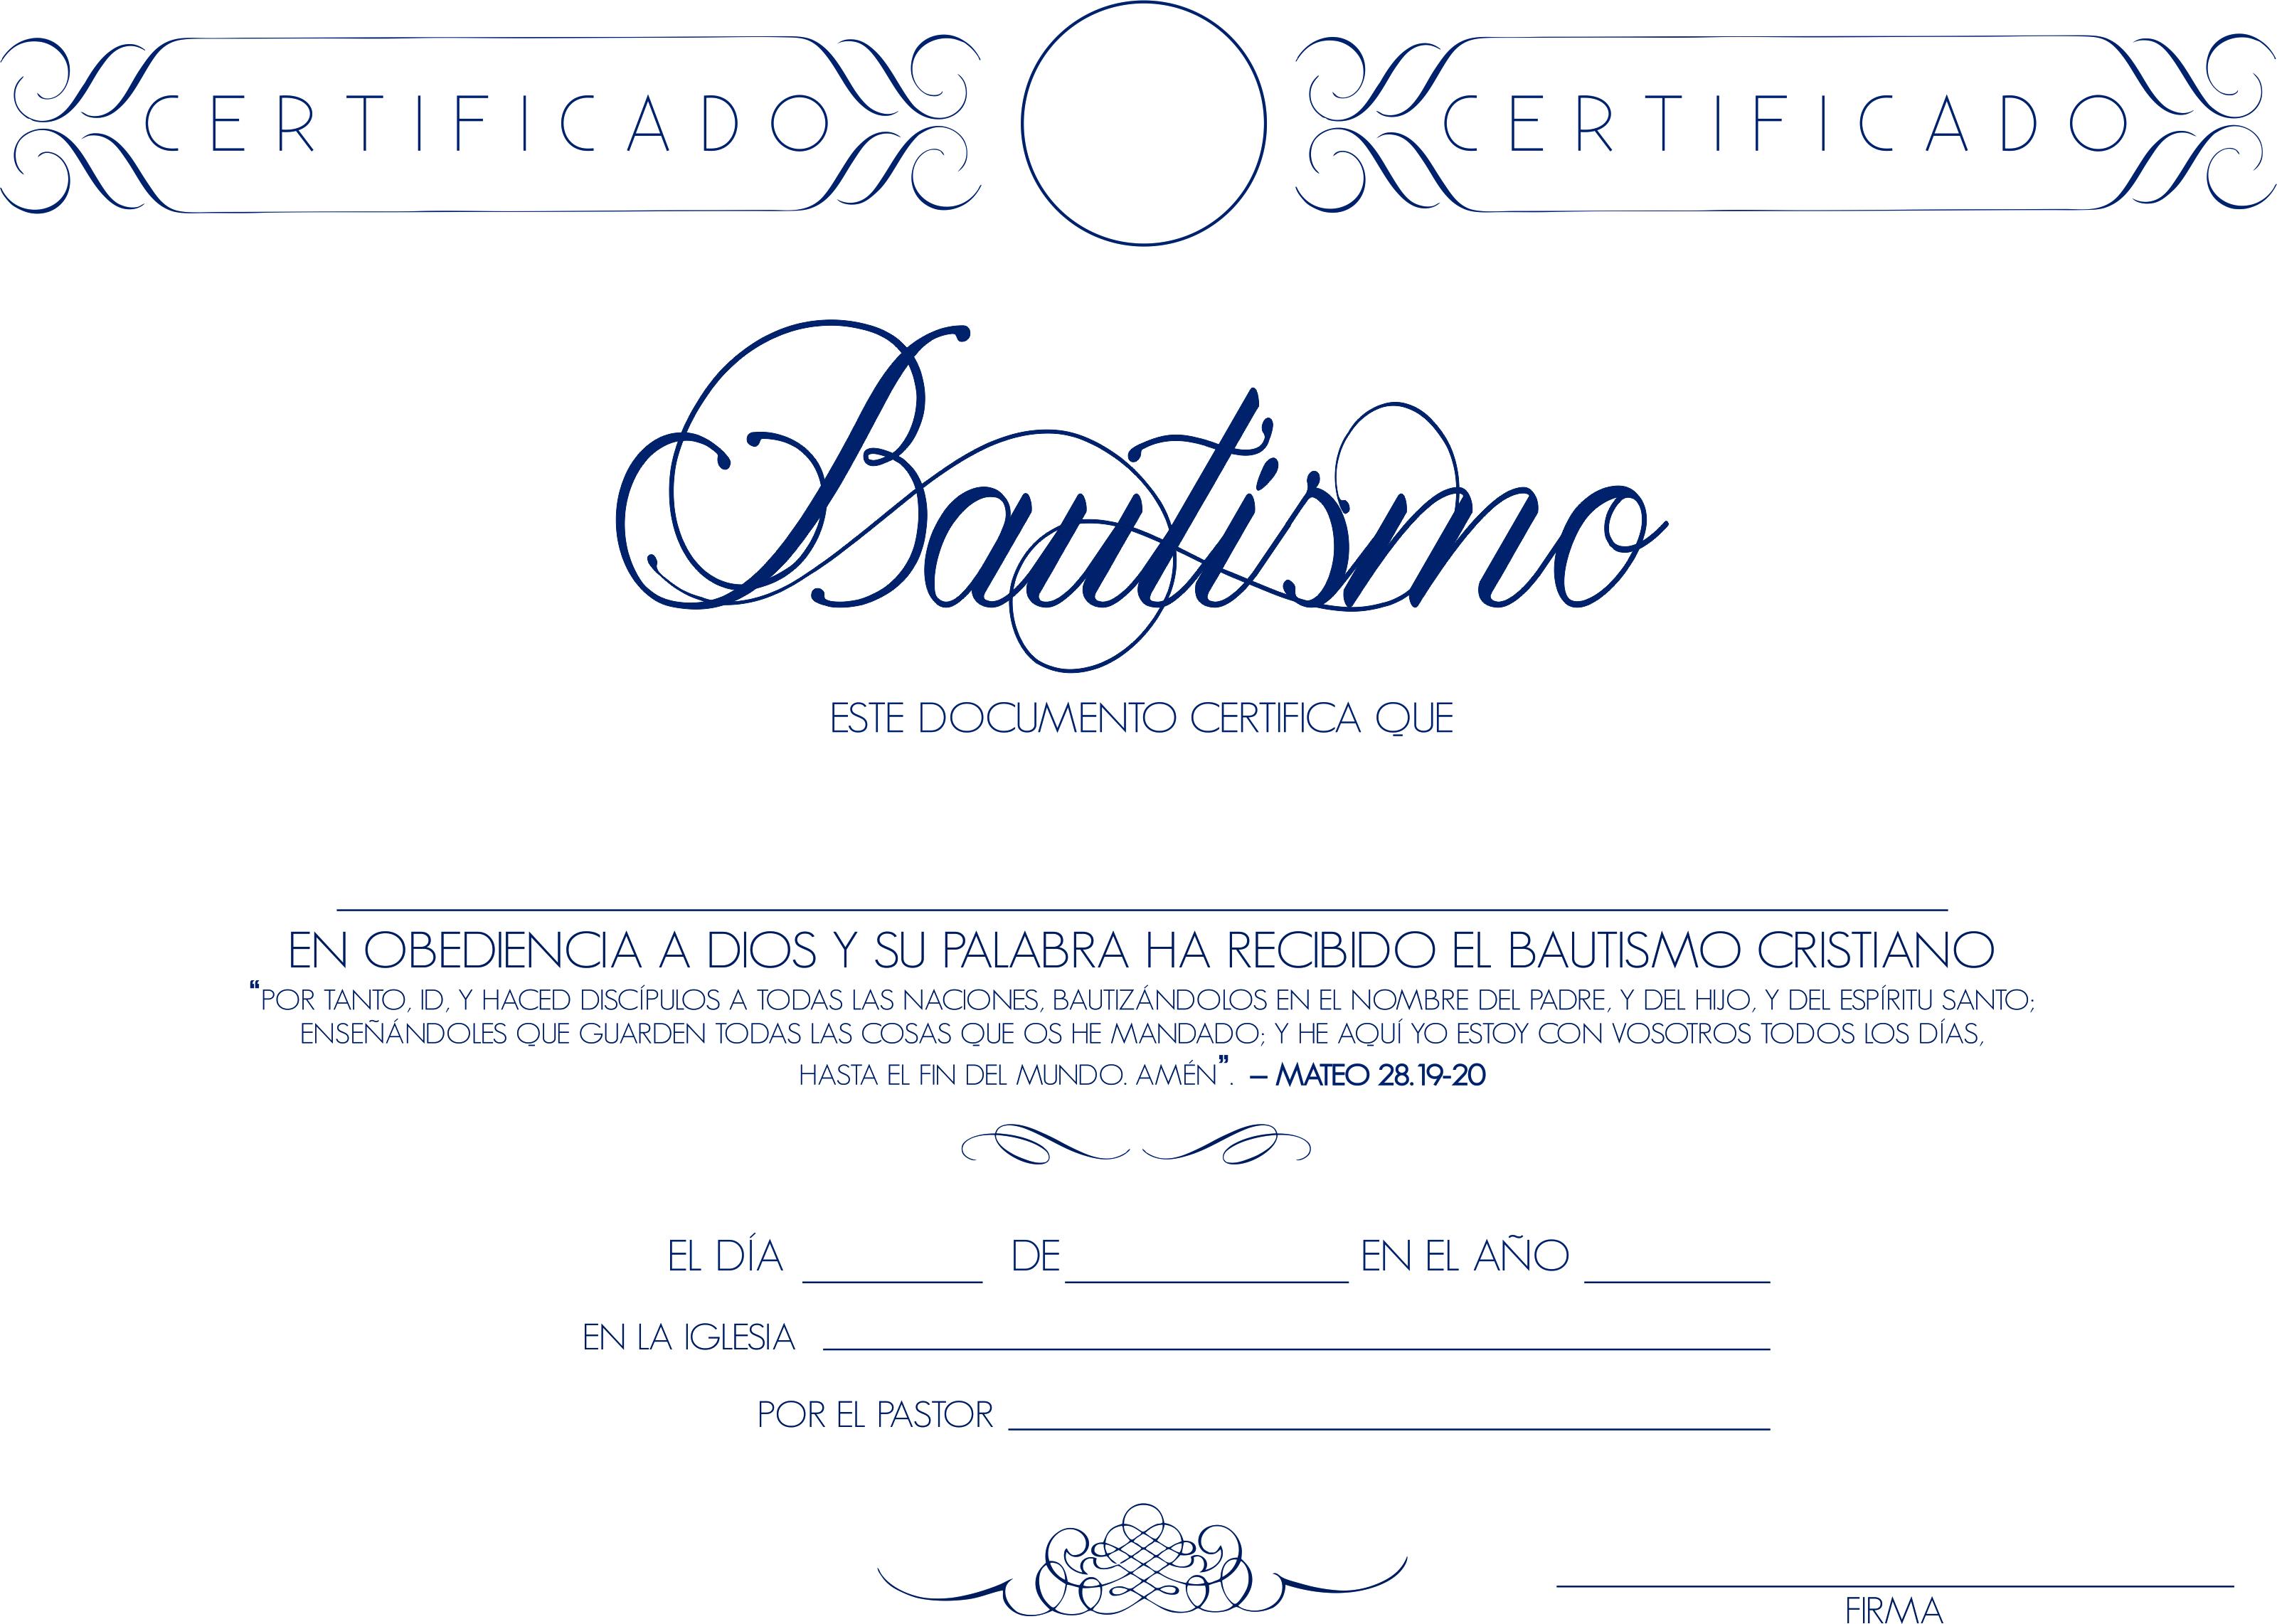 Consejería Matrimonial Catolico Gratis : Certificado de bautismo y otras cosas la biblia